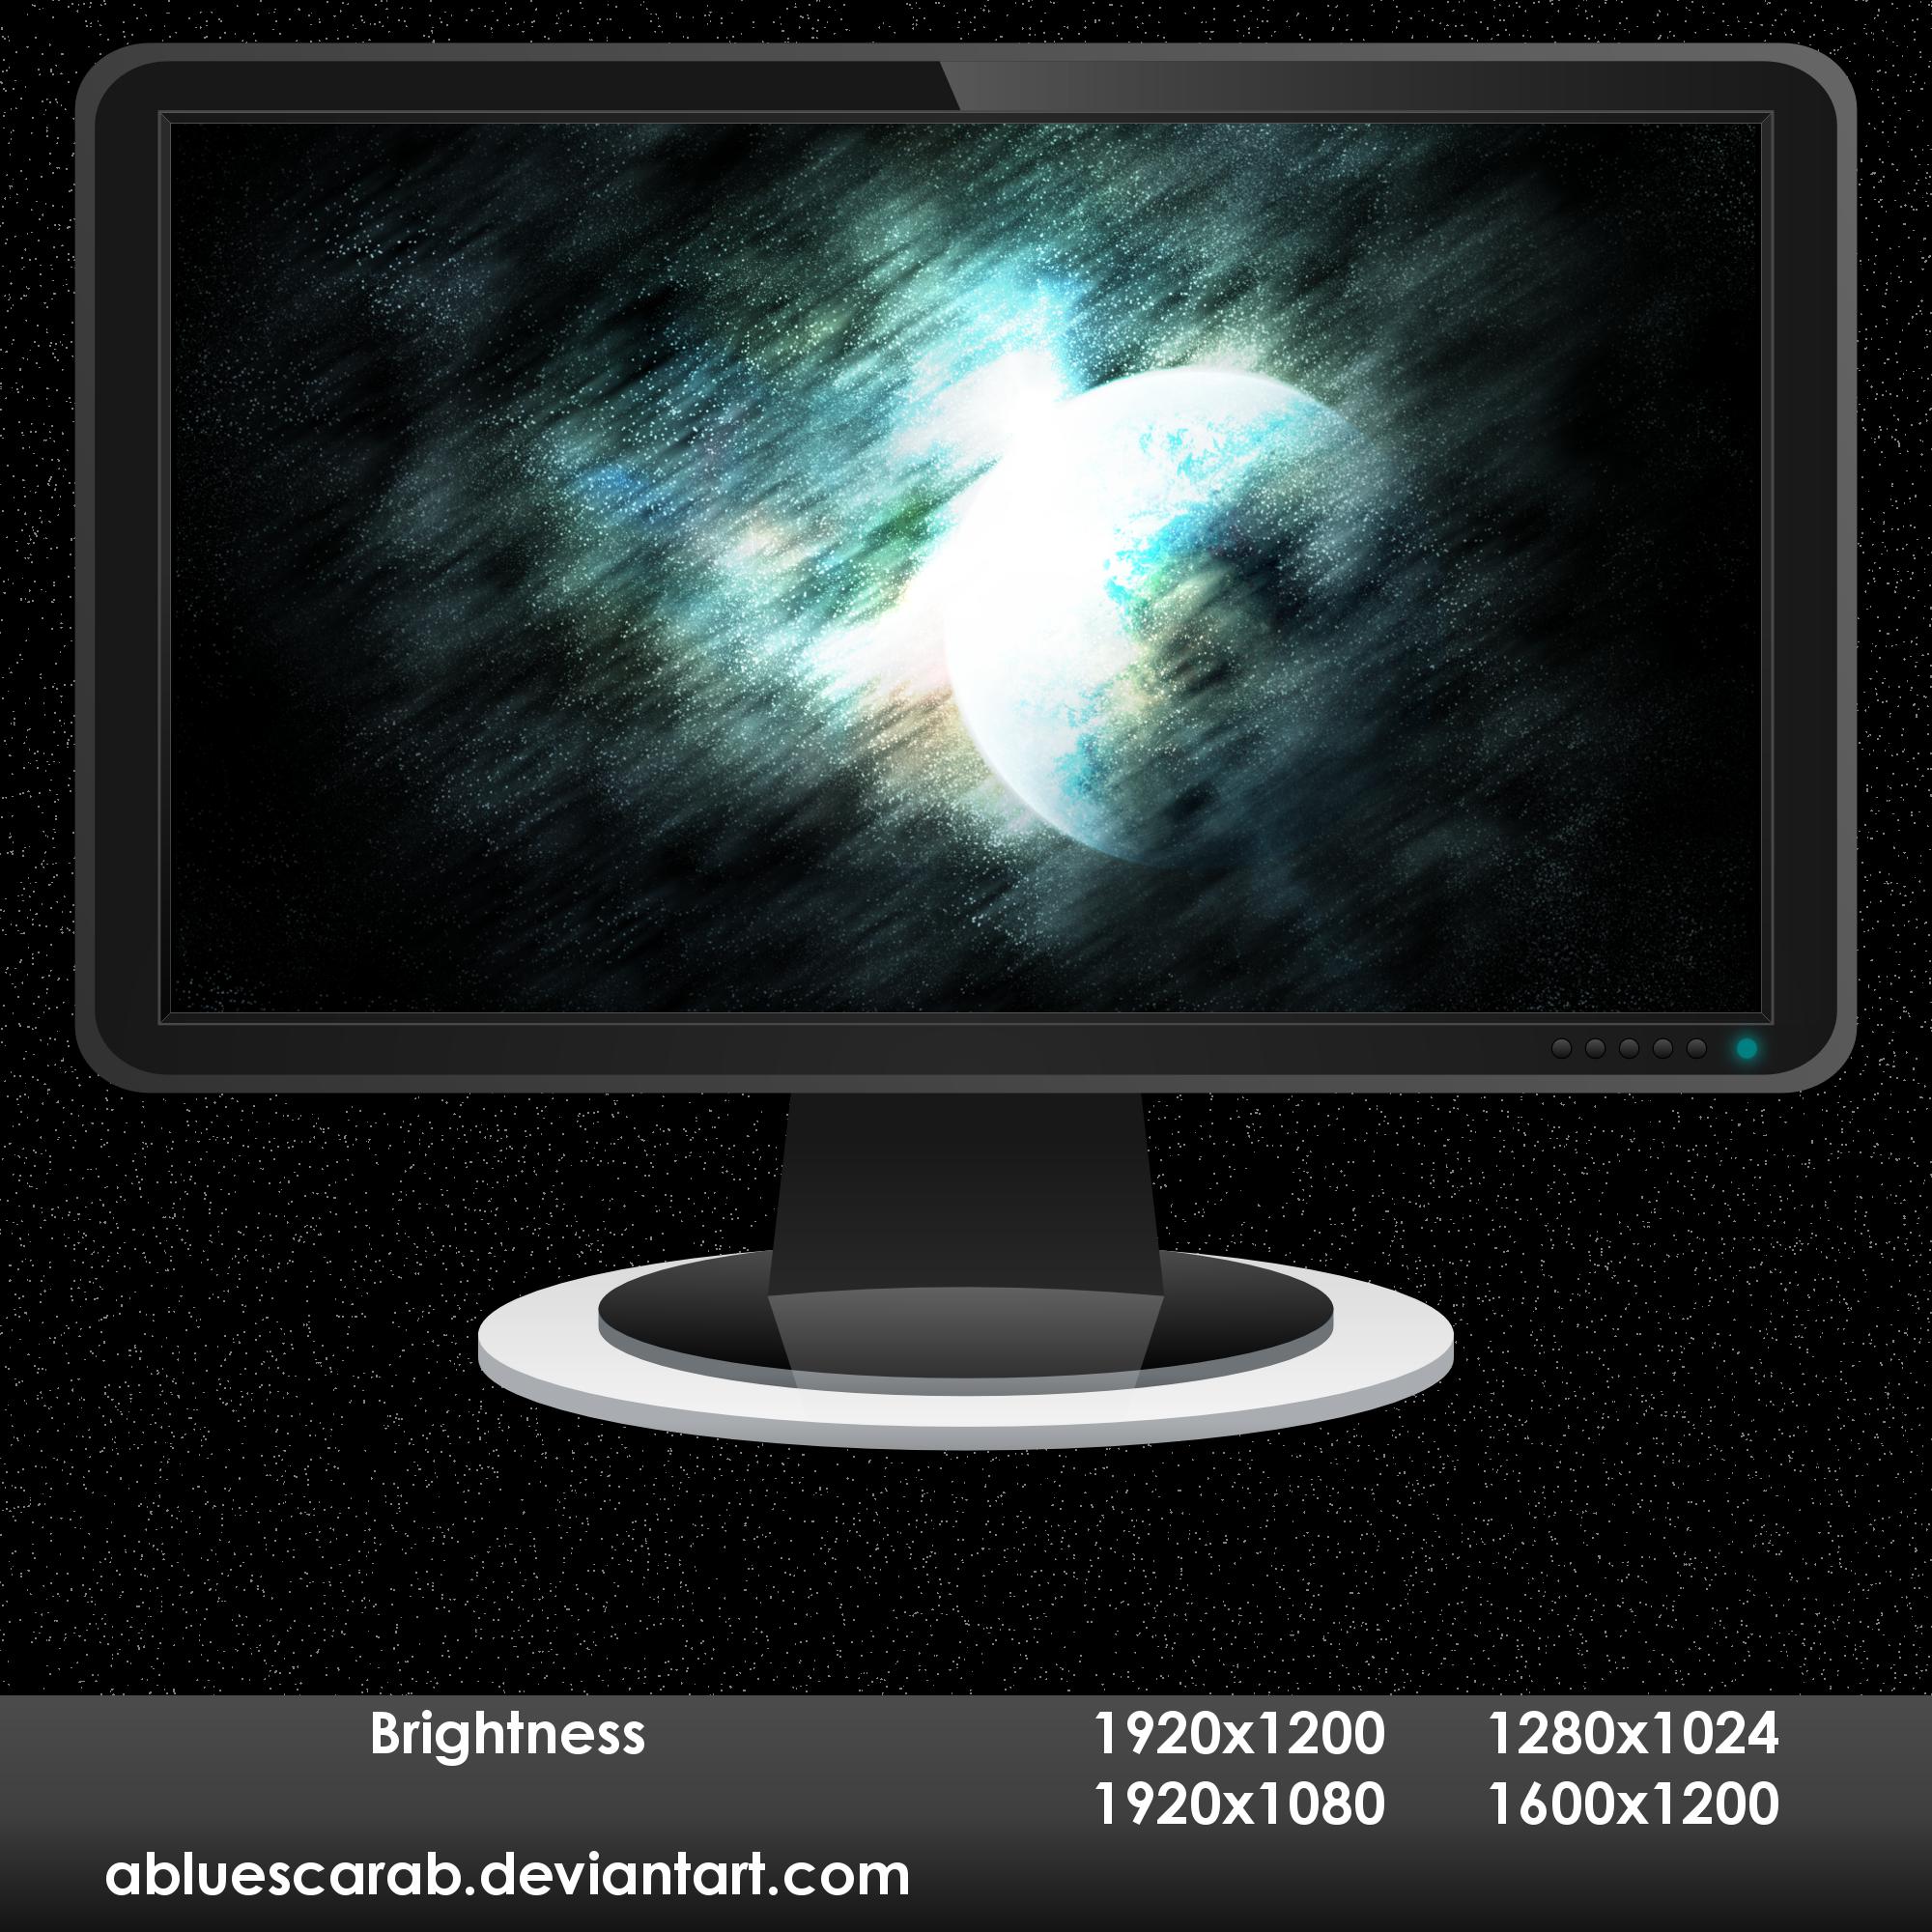 Brightness by abluescarab